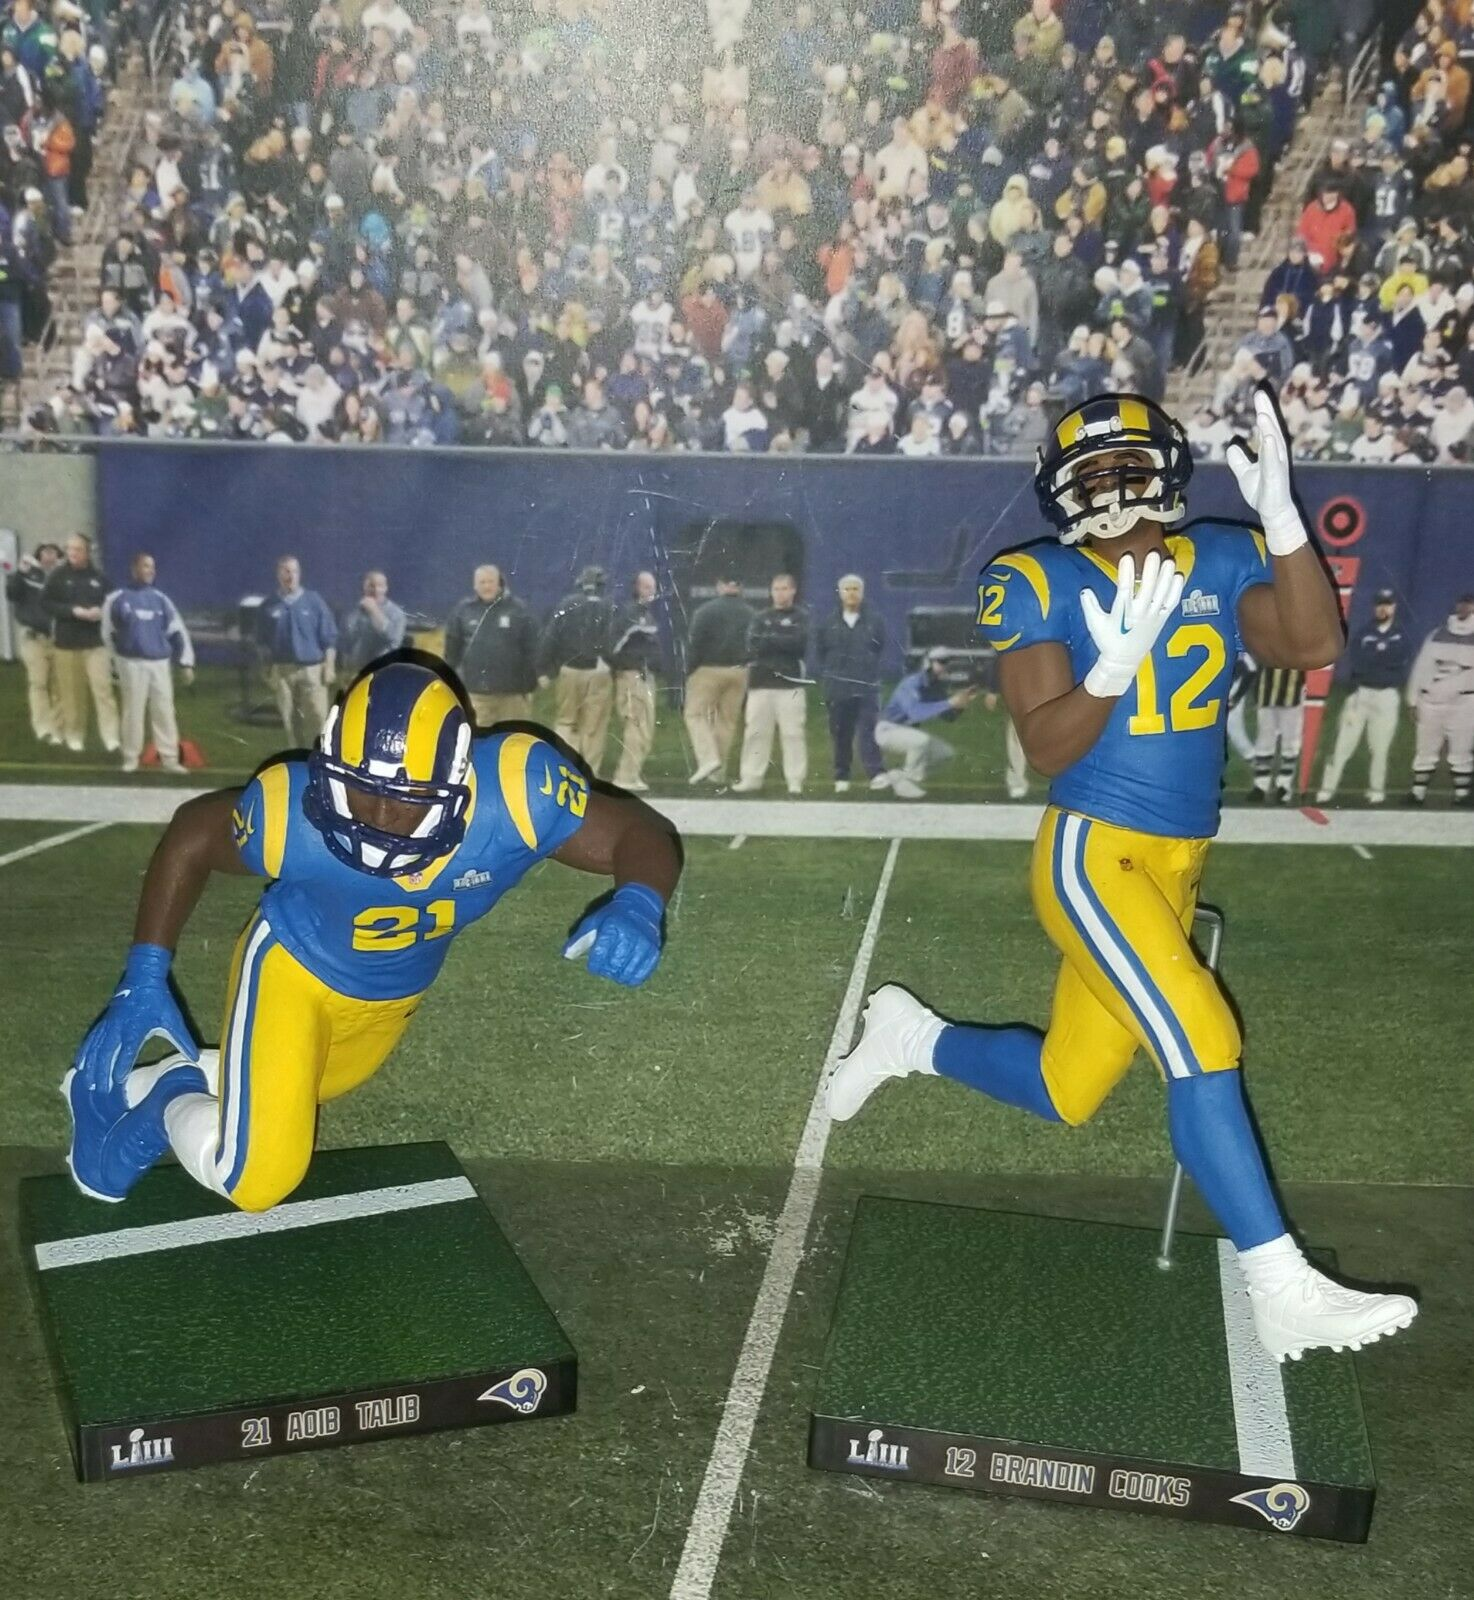 Egen A. Talib DB LA Rams (SB LIII utgåva) Mcfarlane figur